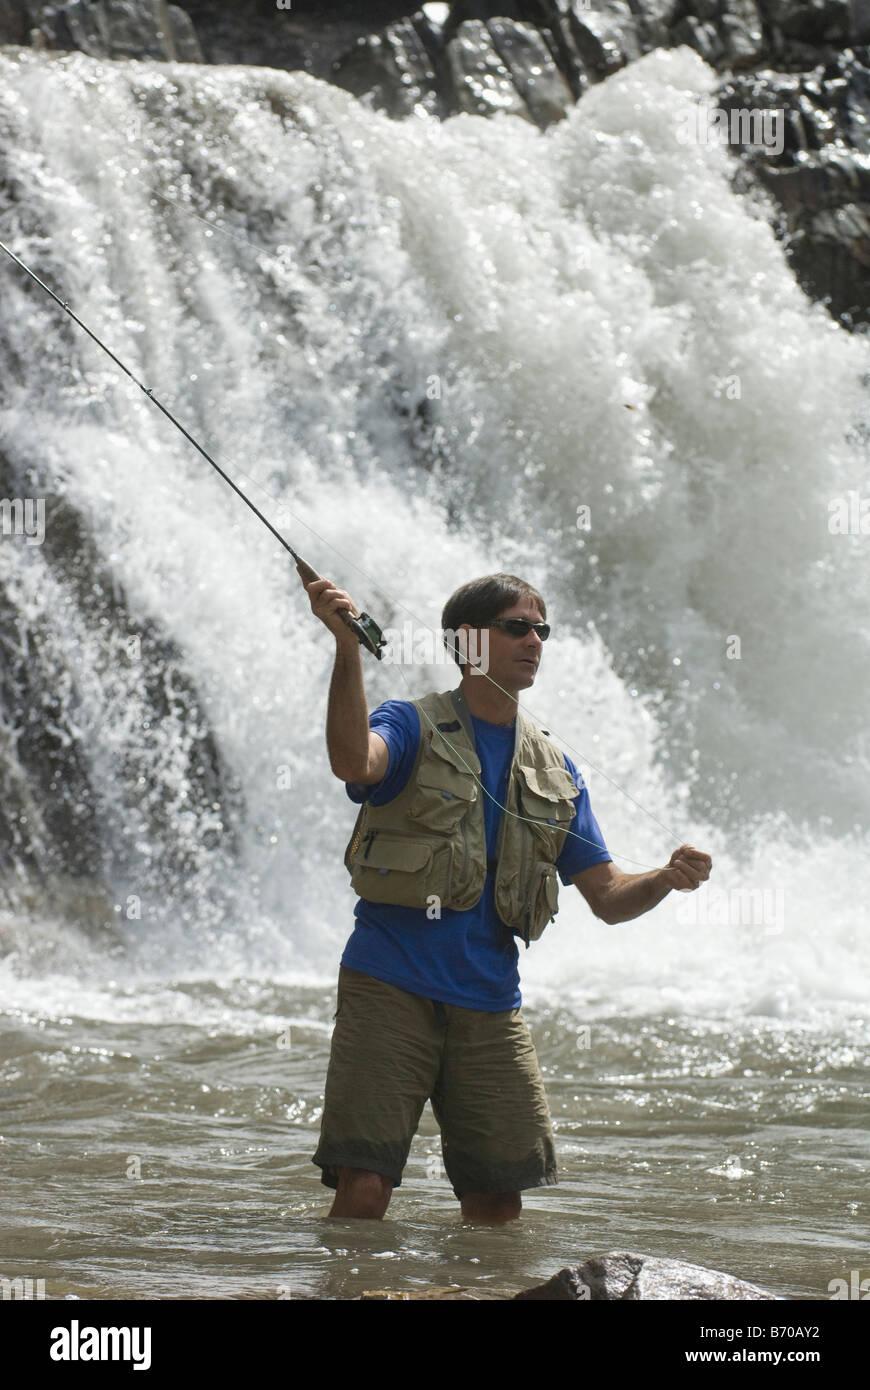 Pêche à la mouche l'homme ci-dessous Crystal Falls, le marbre, le Colorado. Photo Stock